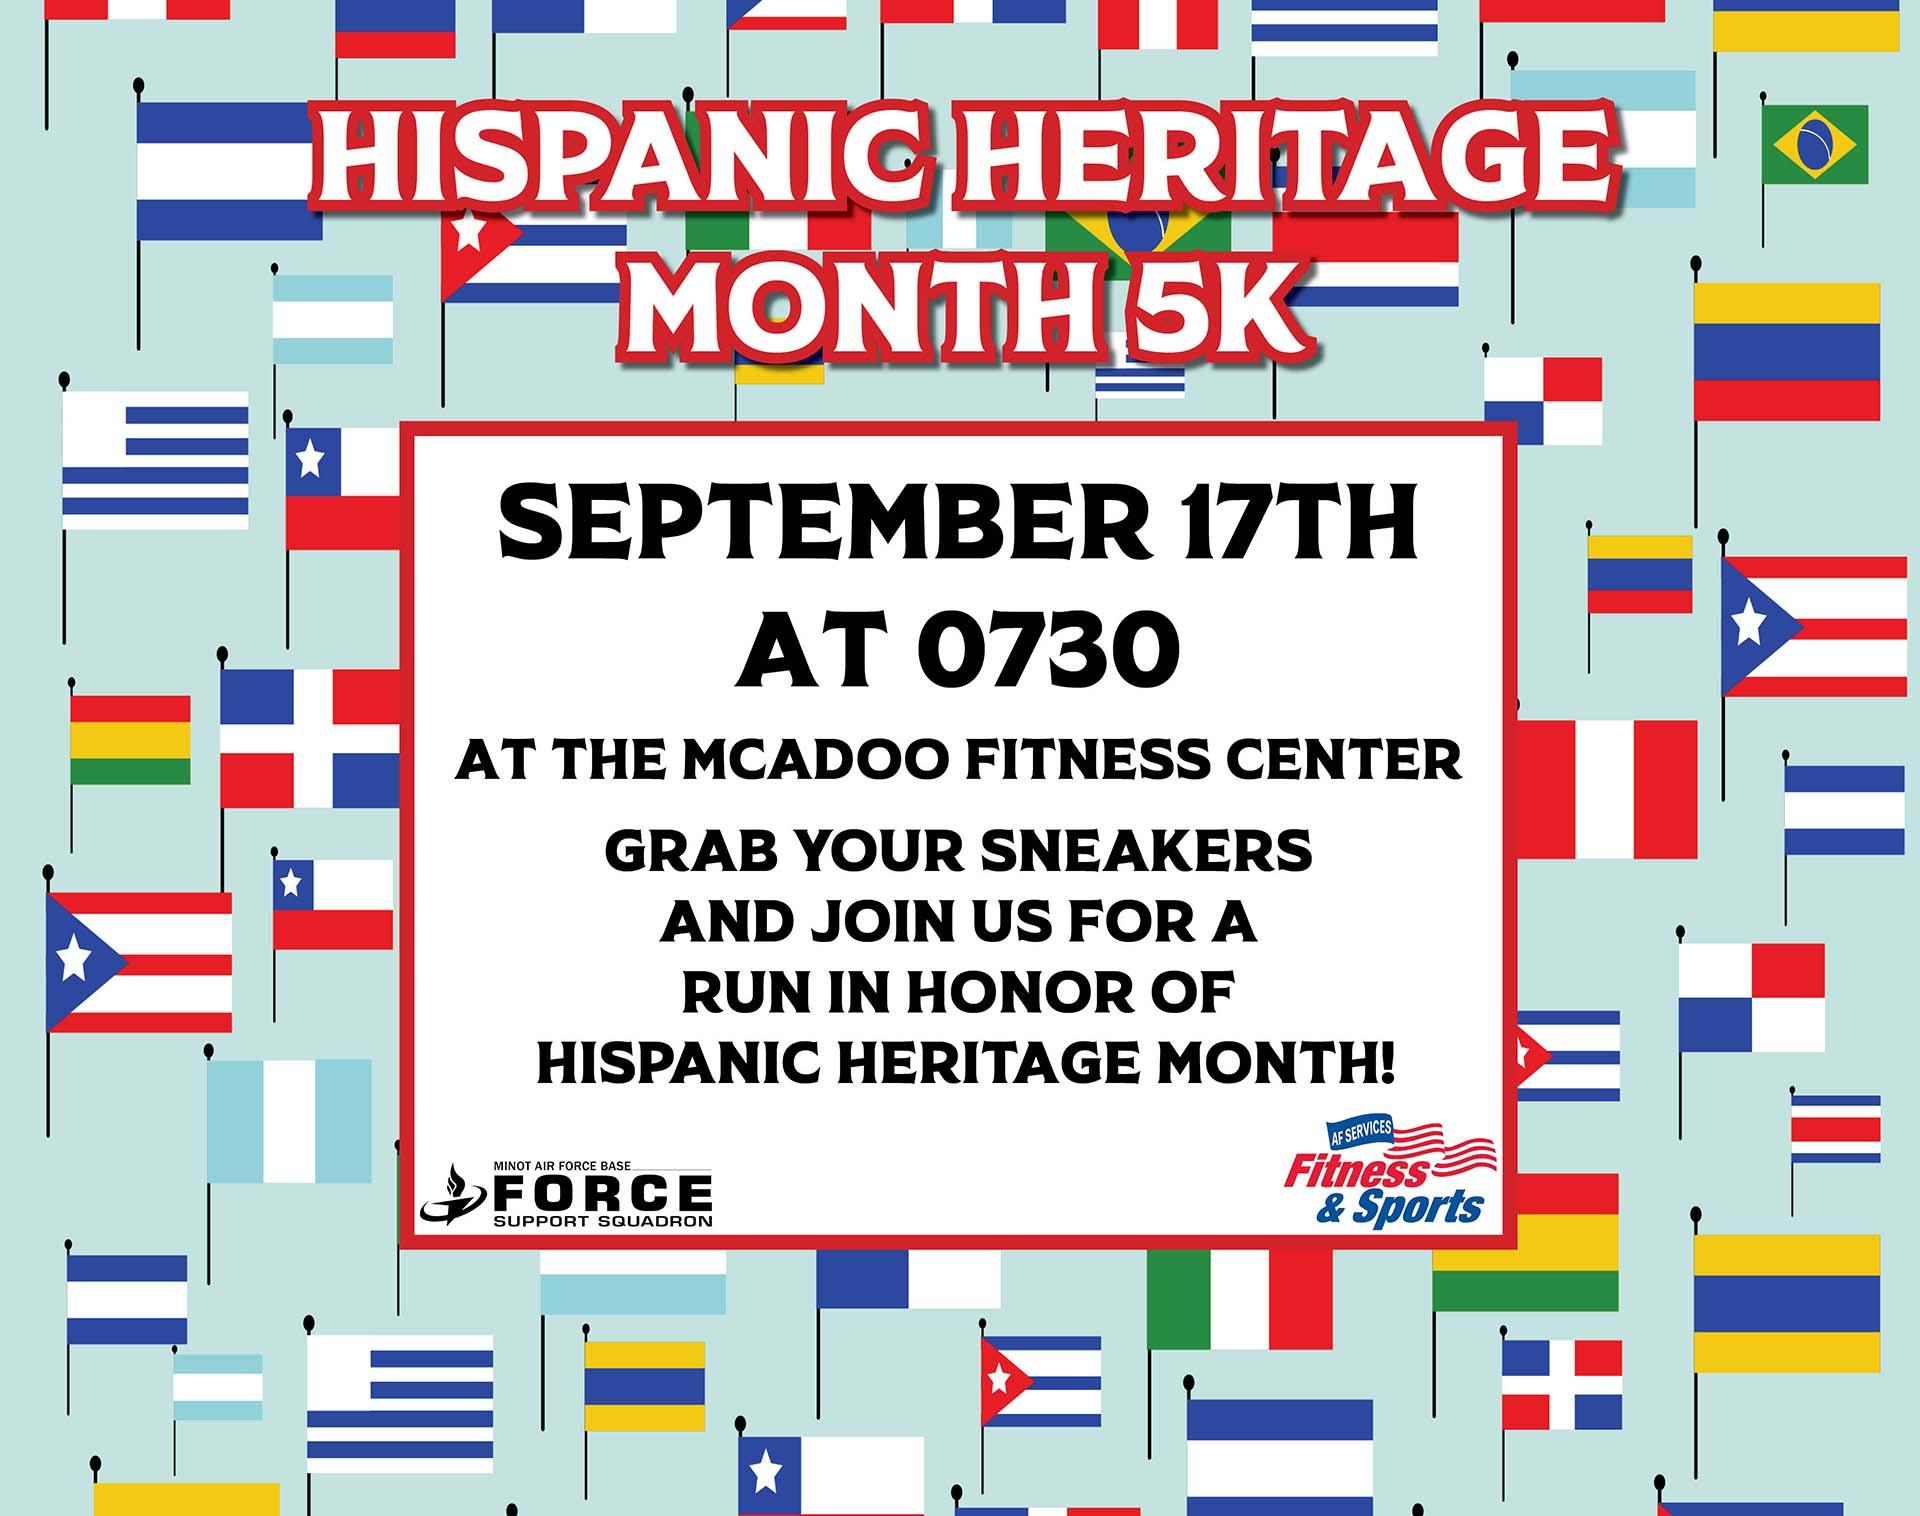 Hispanic Heritage Month 5K